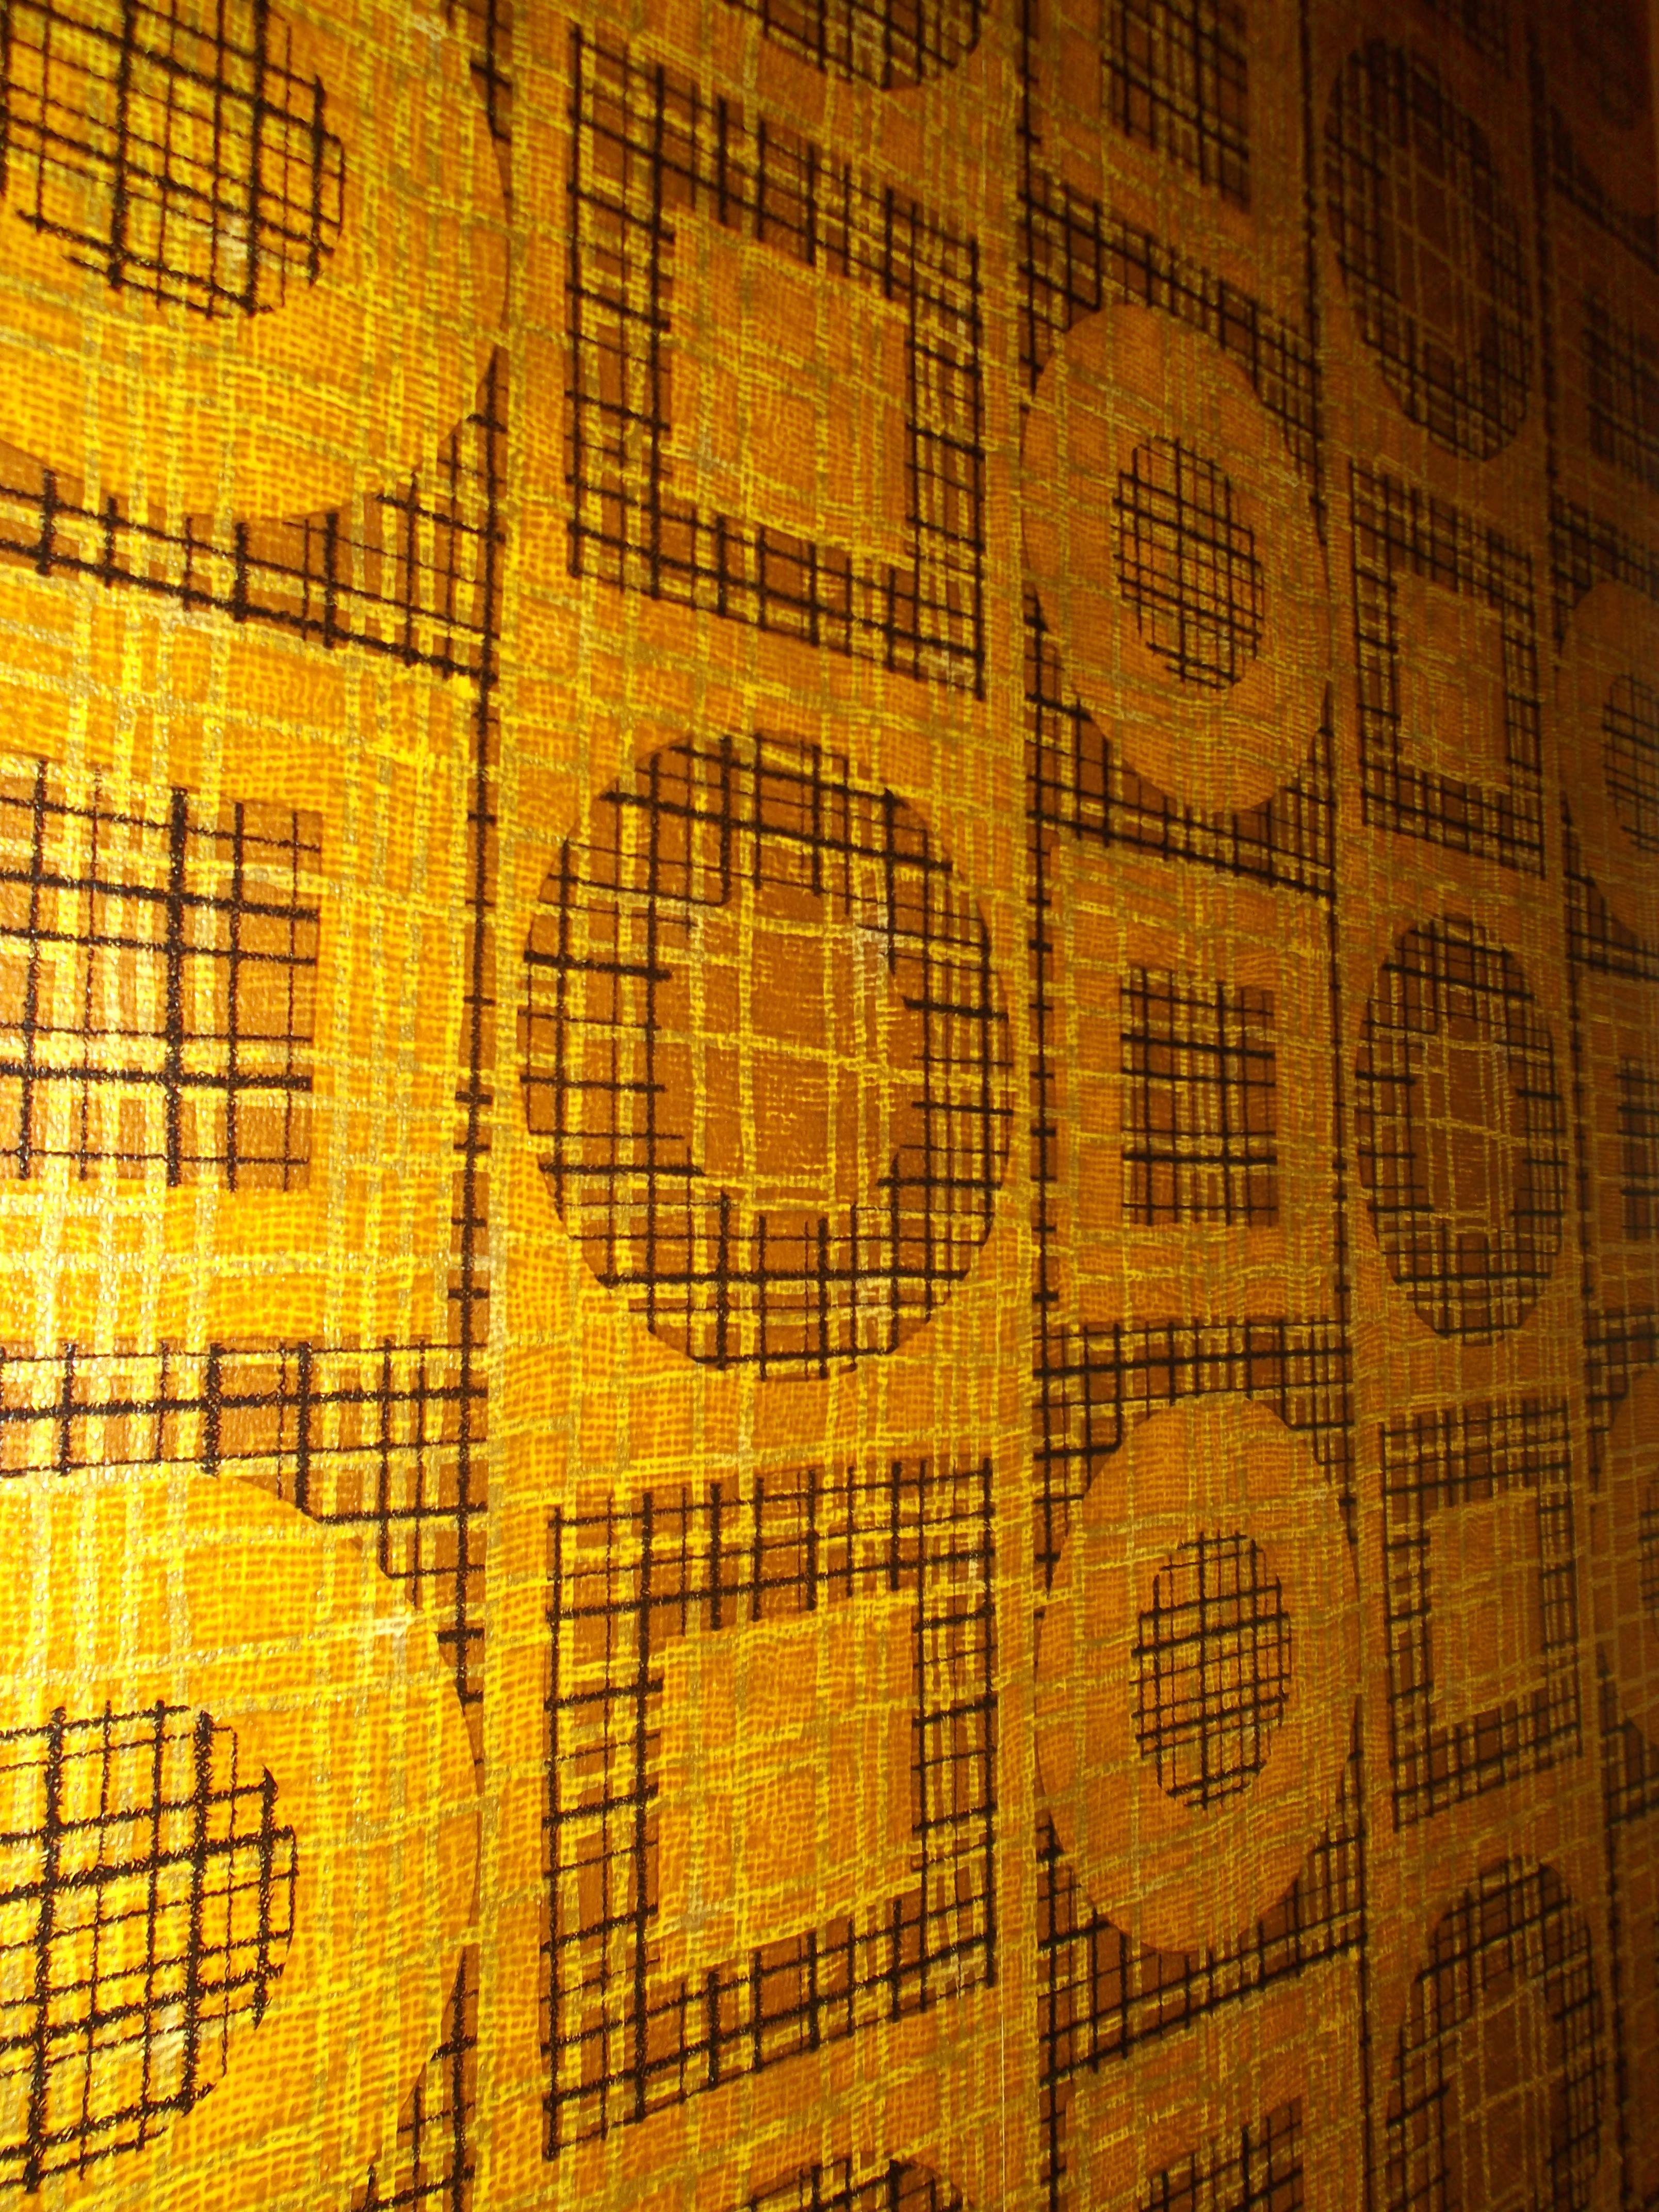 Wallpapering Brisbane Home Shop Wallpaper Commercial Wallpaper Retro Wallpaper